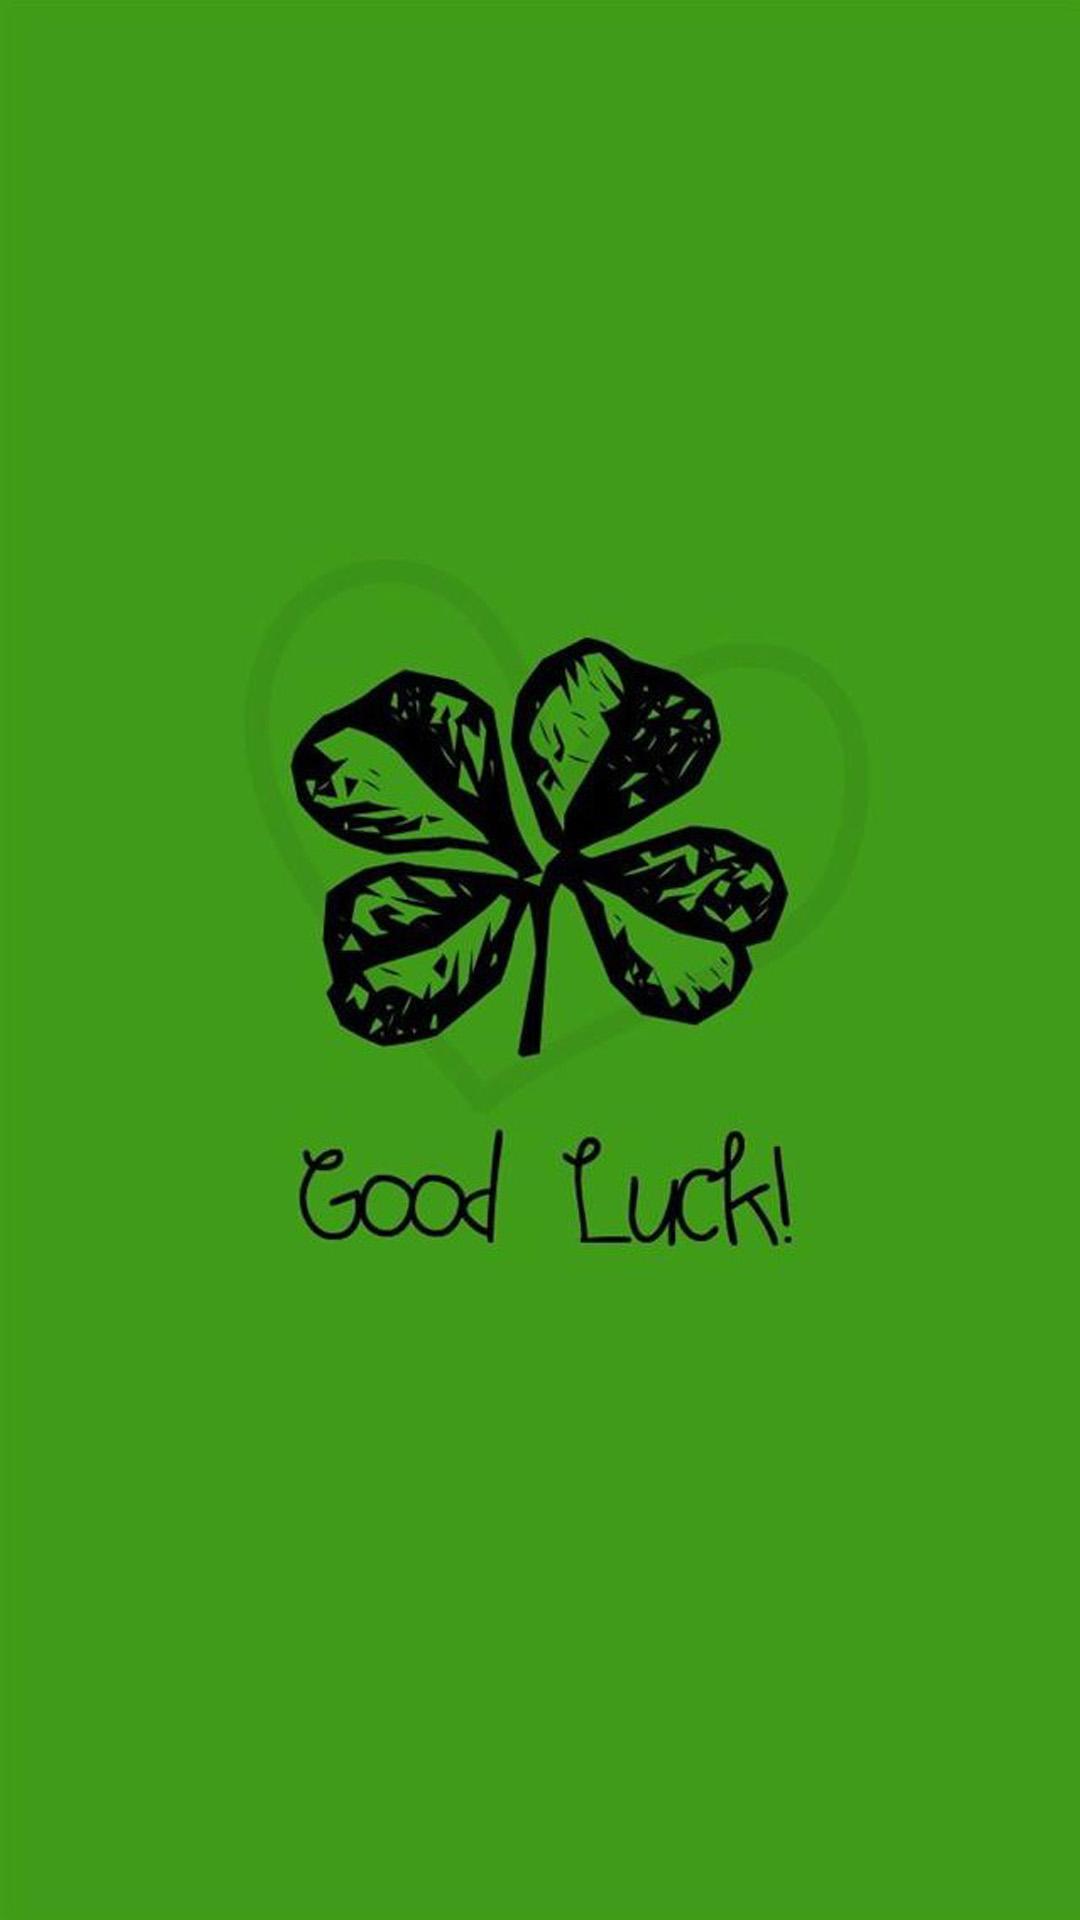 Luck Wallpaper 1080x1920